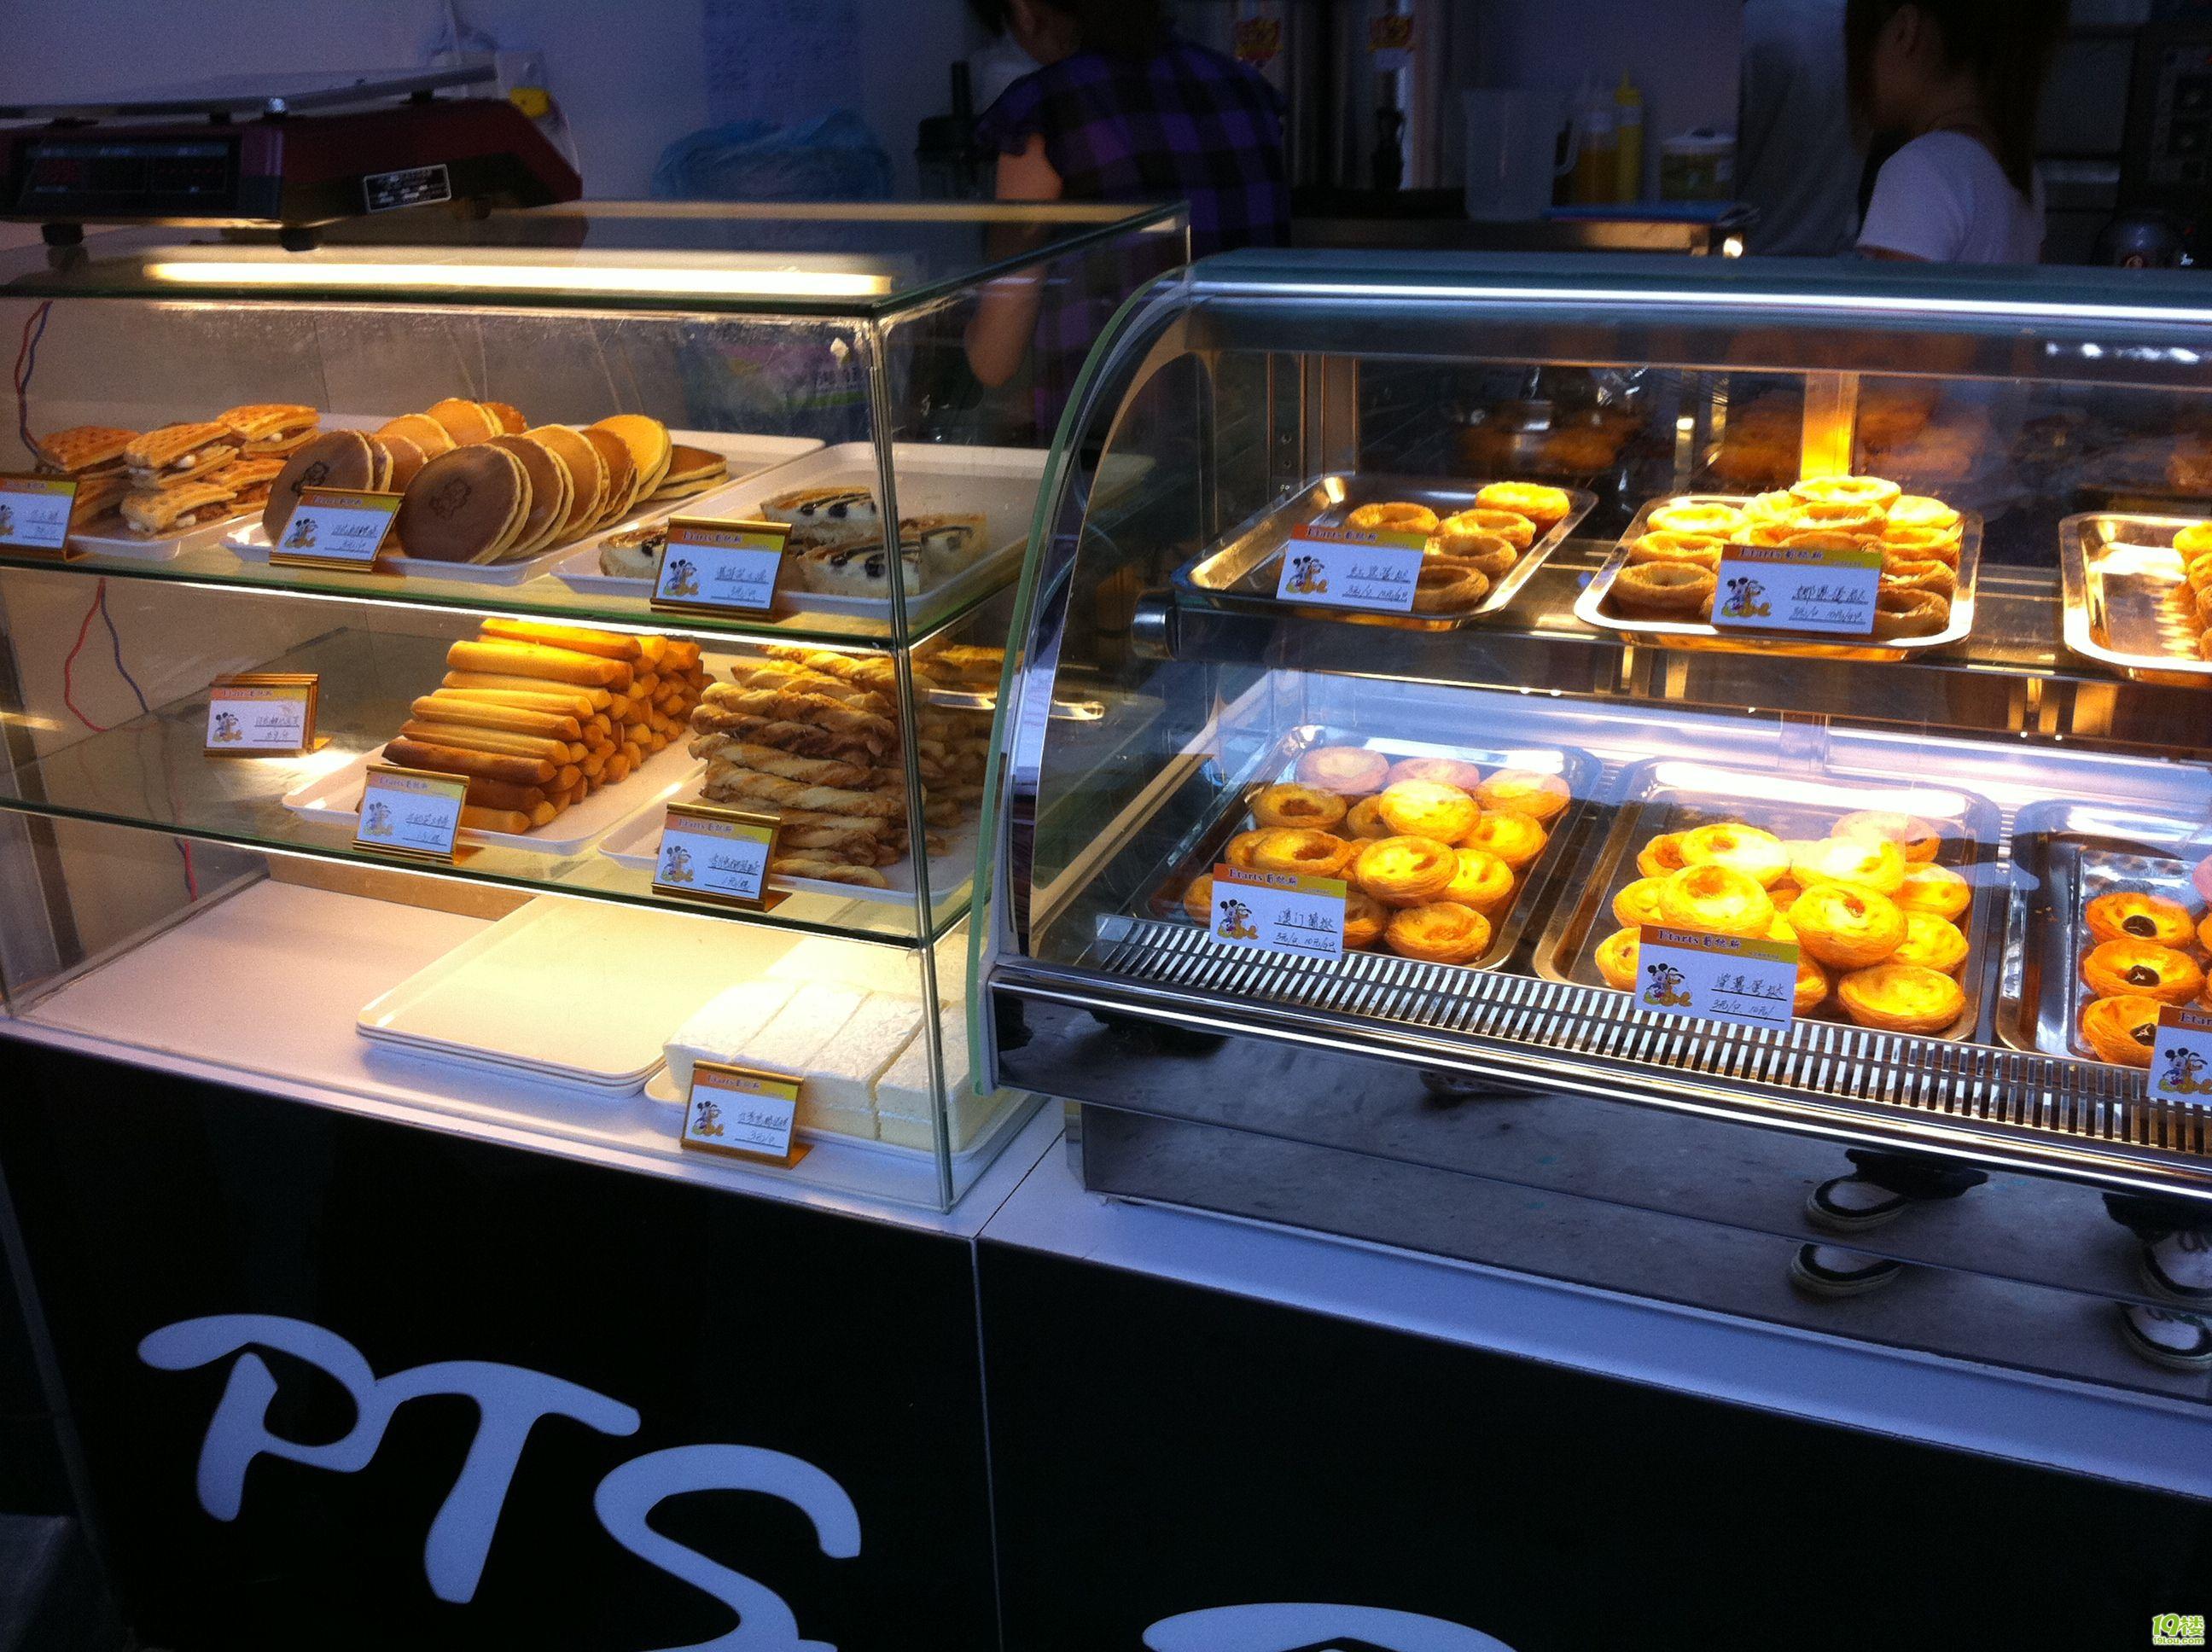 供应广州桌上型双层蛋挞柜 保温热柜 结构紧凑 线条流畅